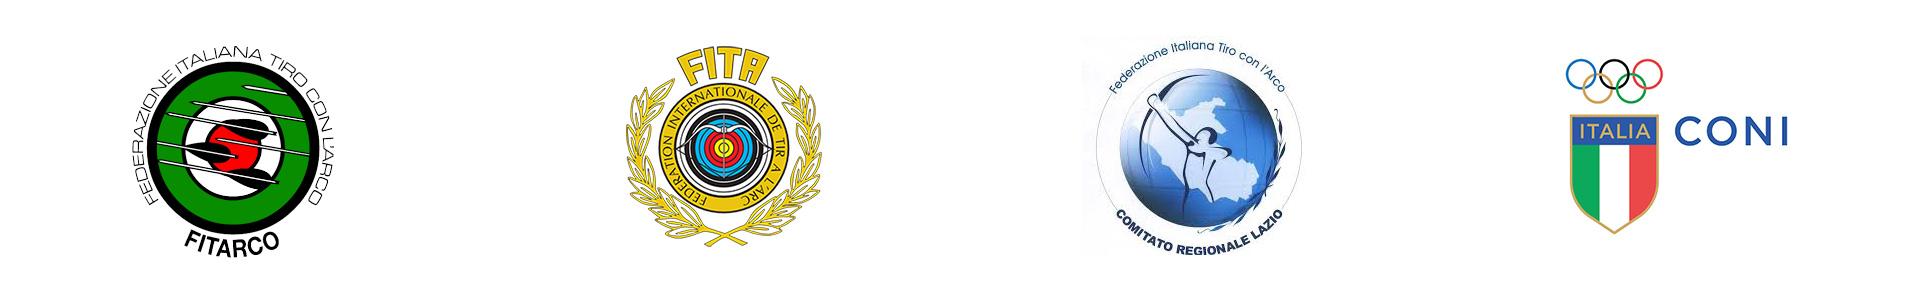 barra-logo-federazioni-grandi